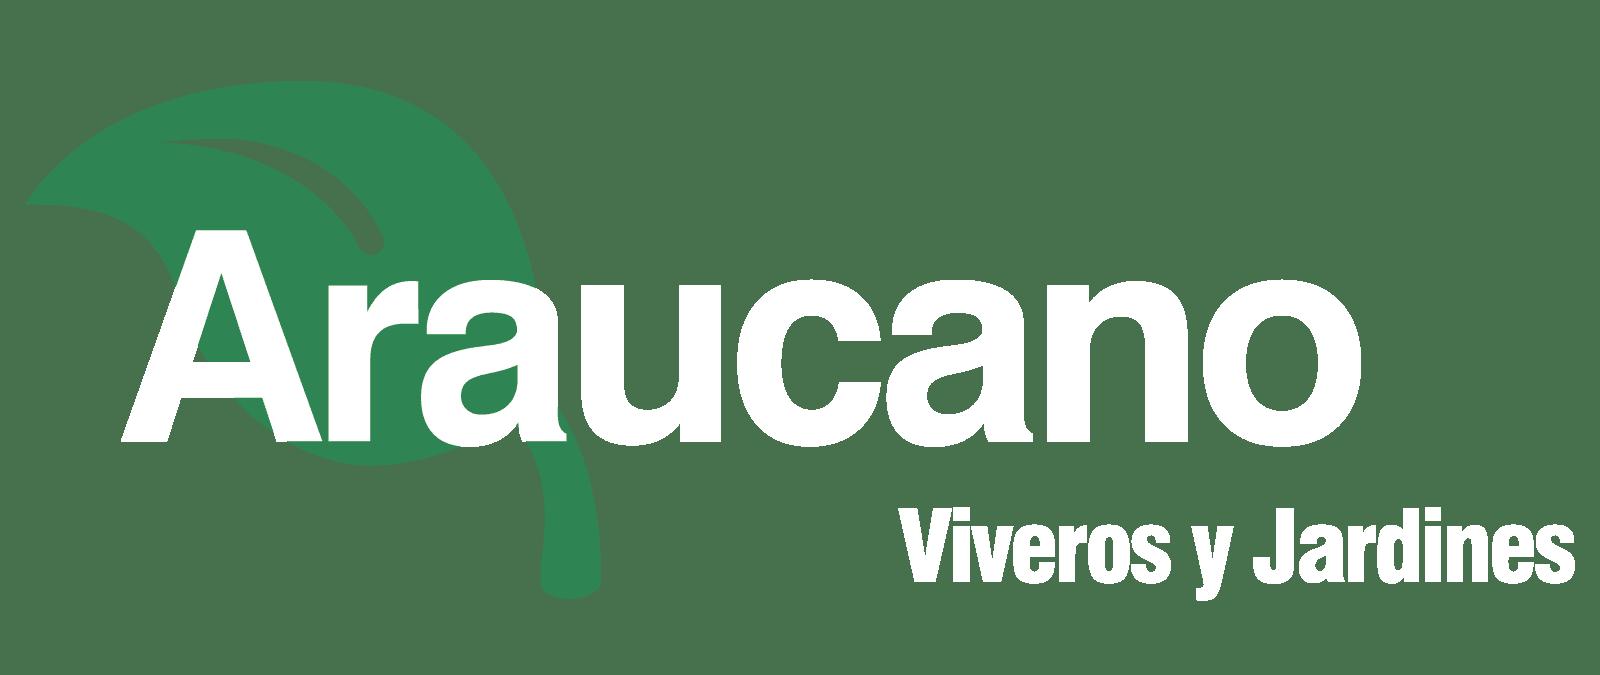 Viveros y Jardines Araucano